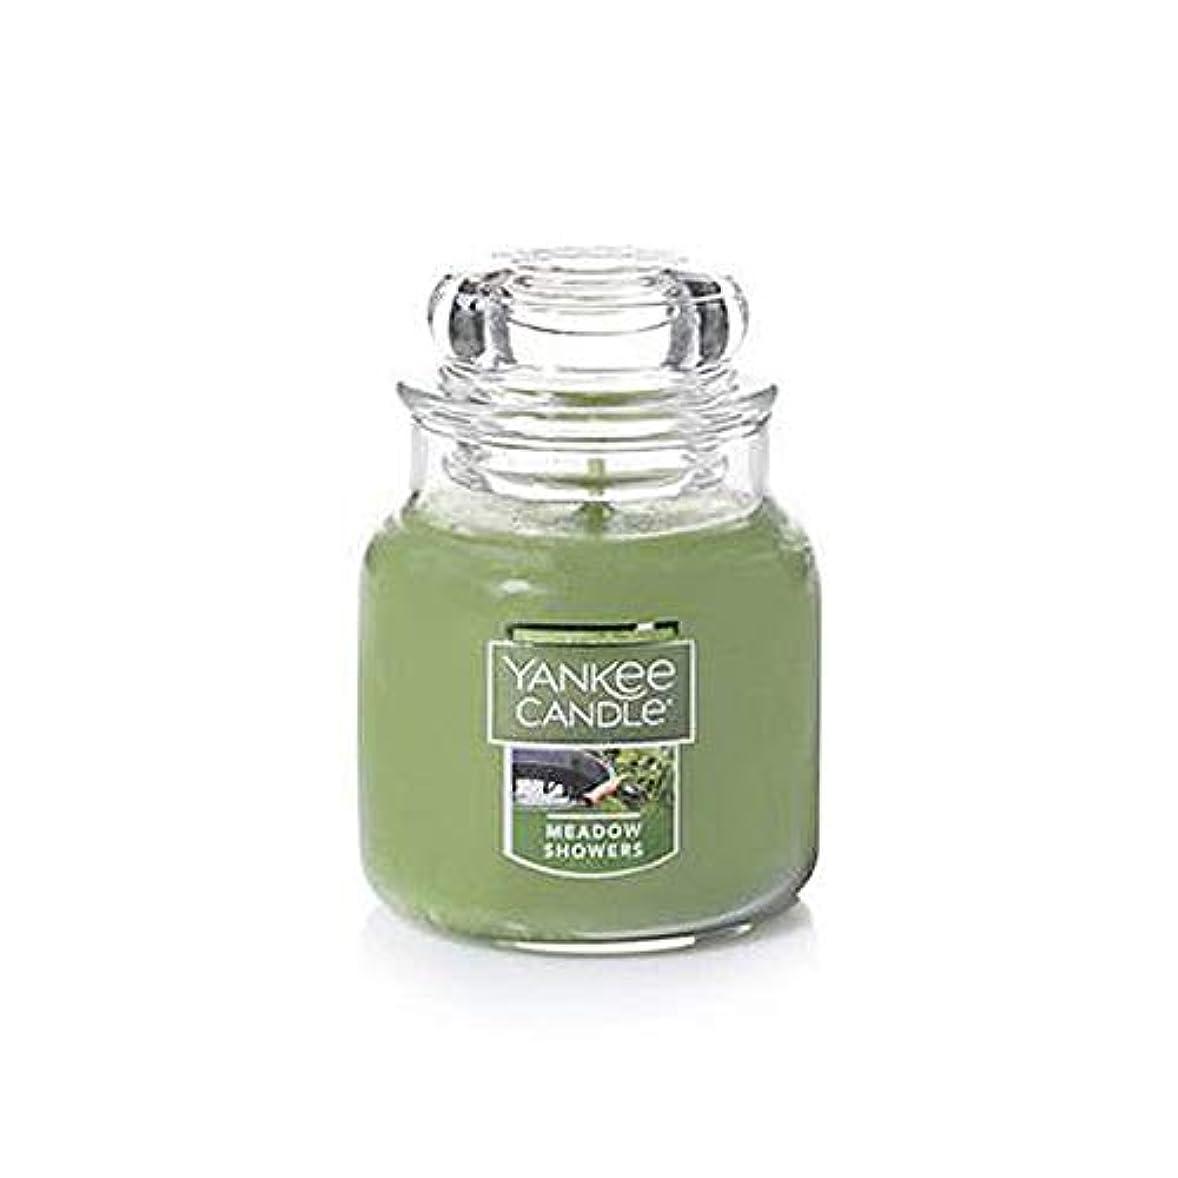 深める臨検元気なYankee Candle Meadow Showers 小型ジャーキャンドル フレッシュな香り 3.7オンス